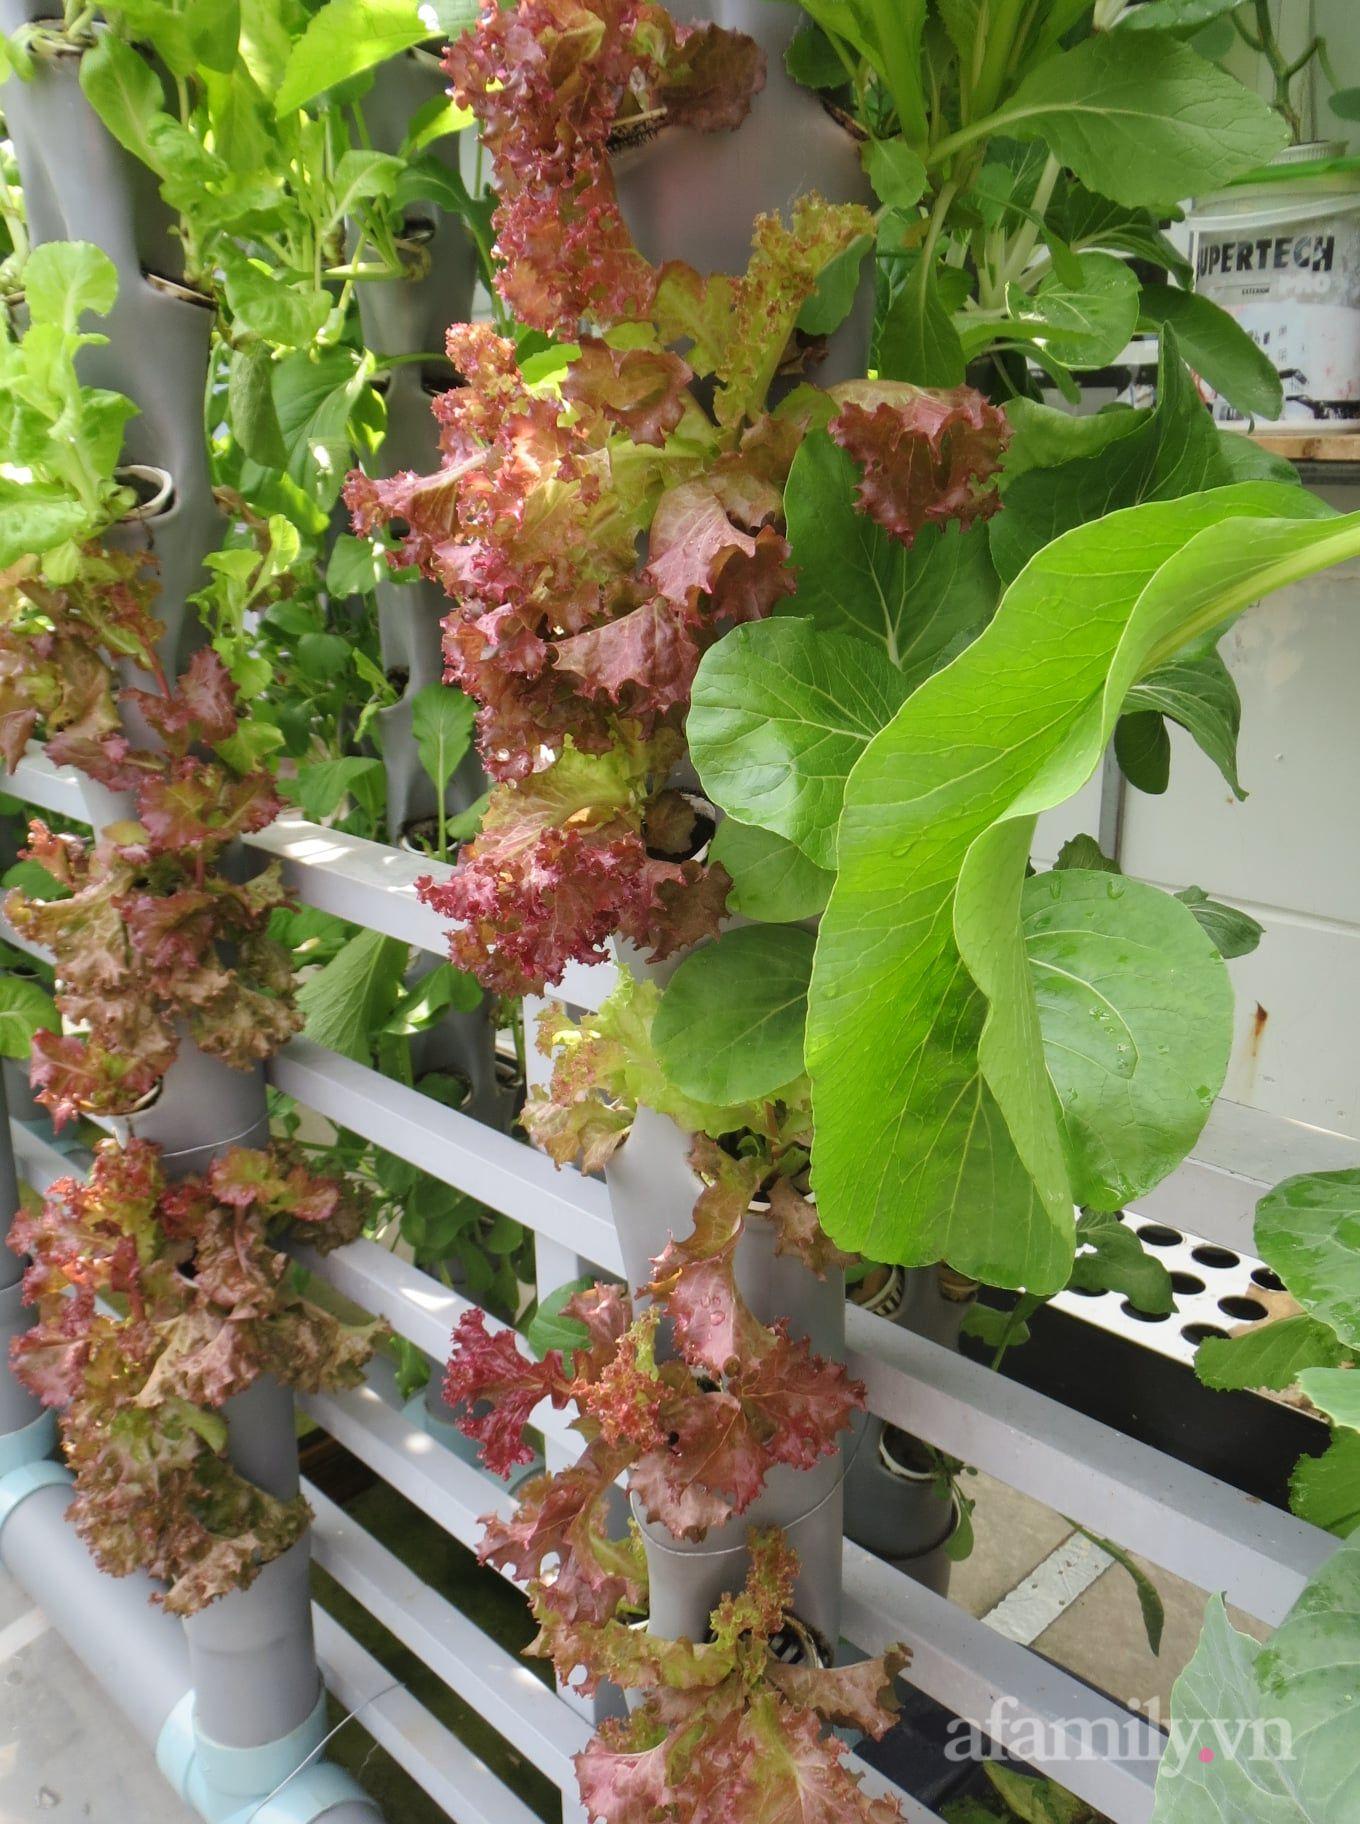 Ban công chỉ 5m² mà trồng đủ loại rau của anh chồng đảm ở Sài Gòn - Ảnh 6.